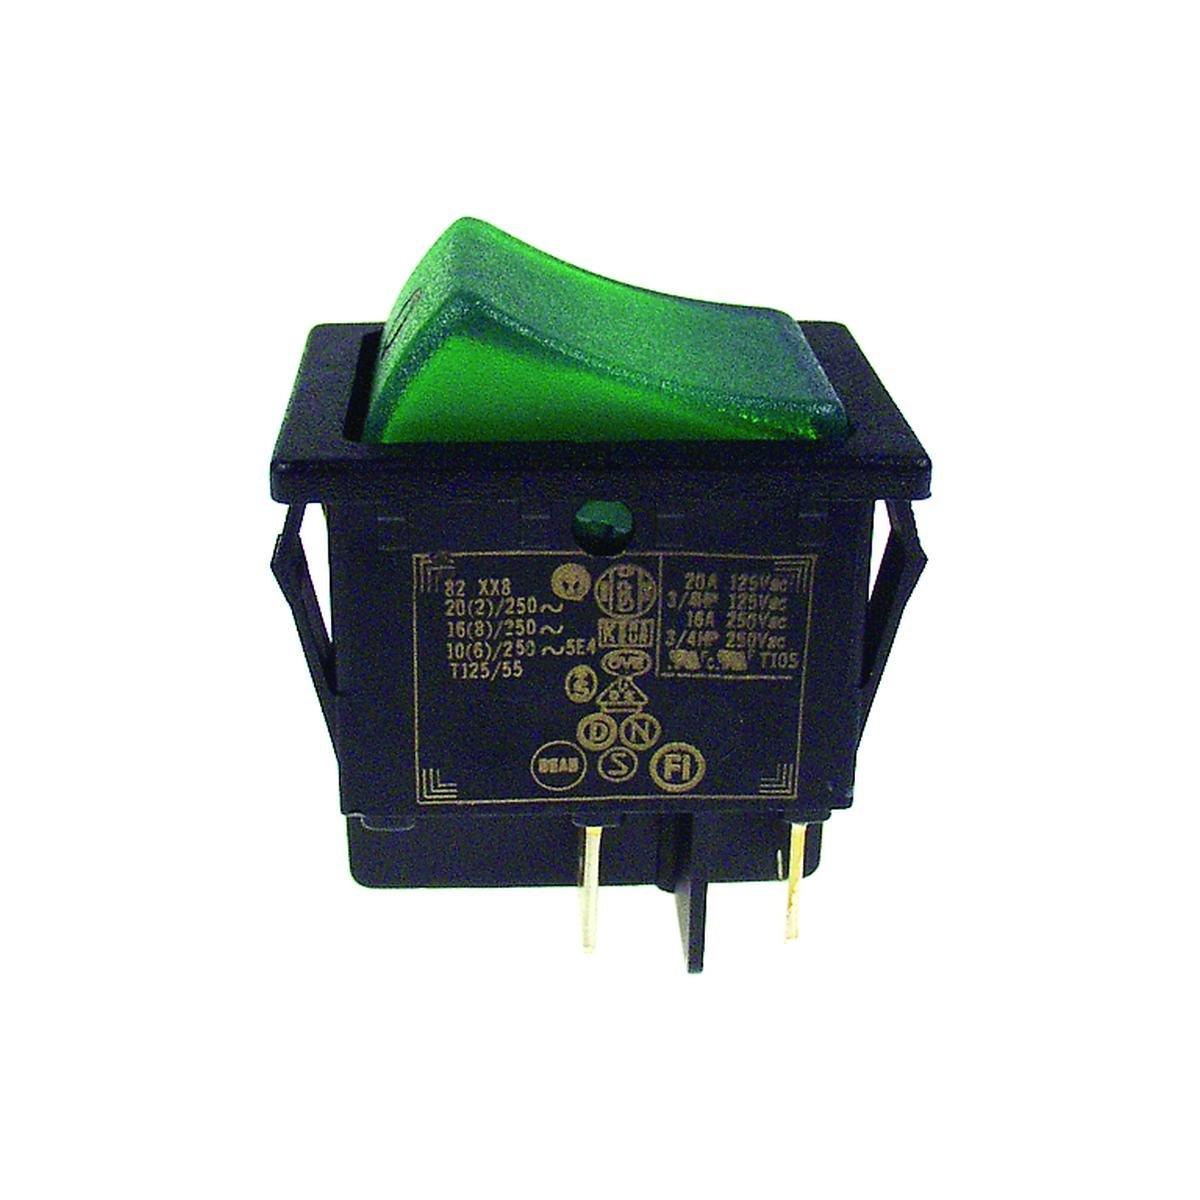 Dobbeltafbryder sort med grønt lys 30 x 22 mm. hul